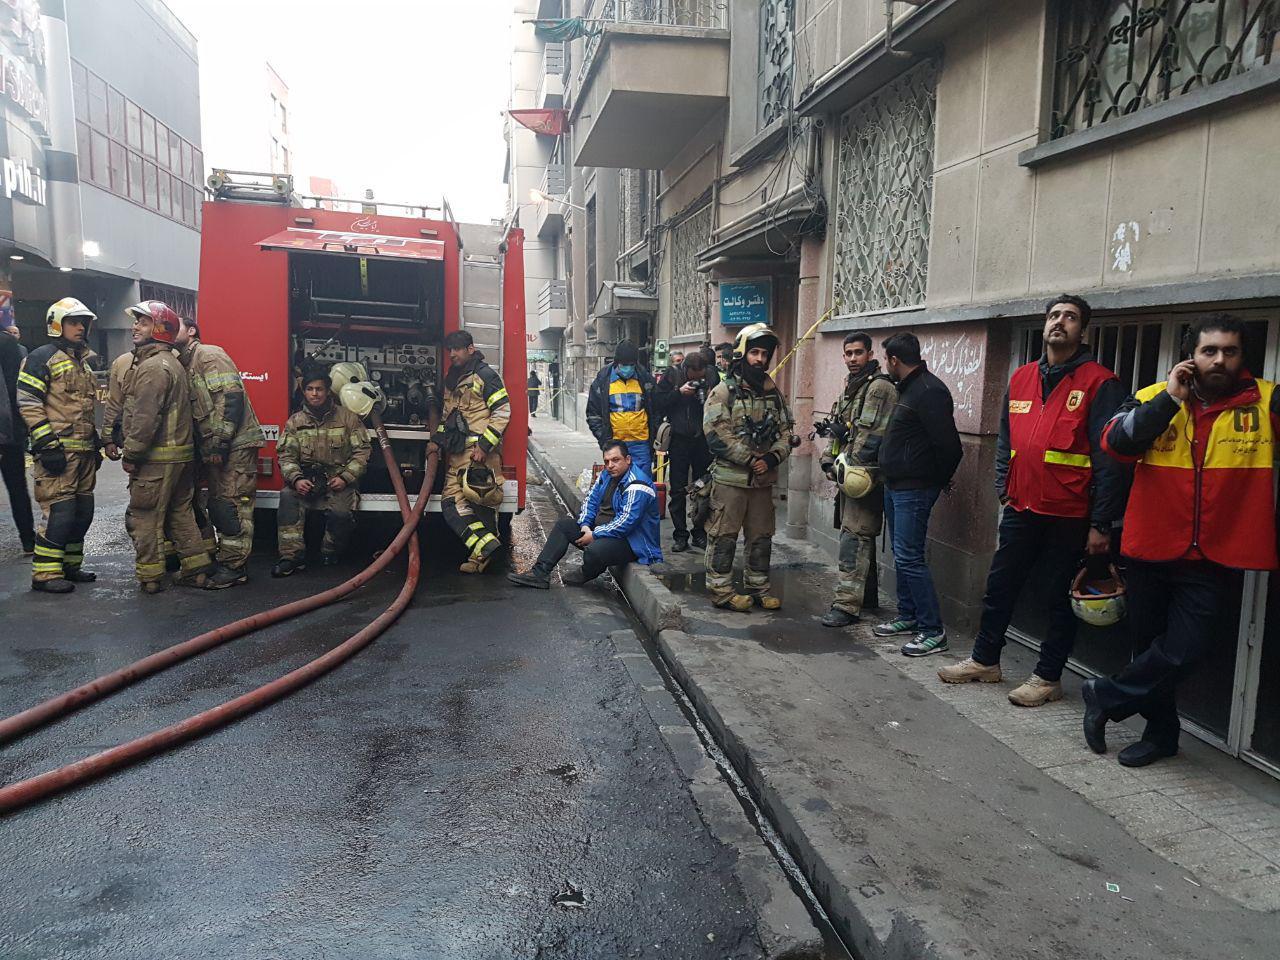 آتش سوزی در ساختمان وزارت نیرو ادامه دارد/ احتمال تکرار فاجعه پلاسکو/ تخلیه ساختمان های اطراف +